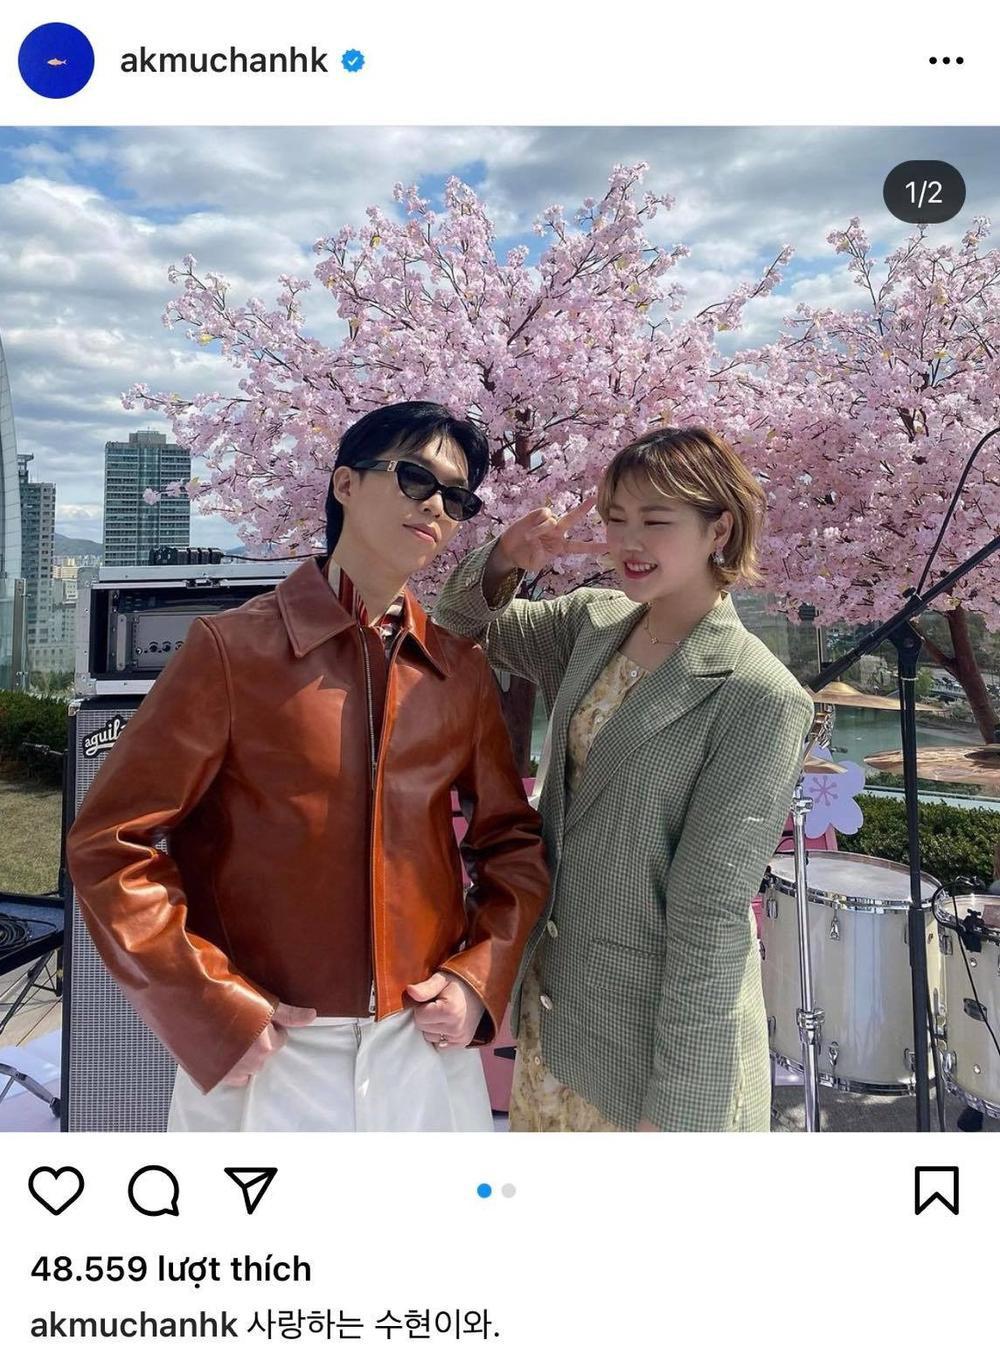 Nghi vấn Chanhyuk (AKMU) bị hack Instagram, fan tranh thủ 'phá án' đặt giả thuyết thủ phạm là... Ảnh 2